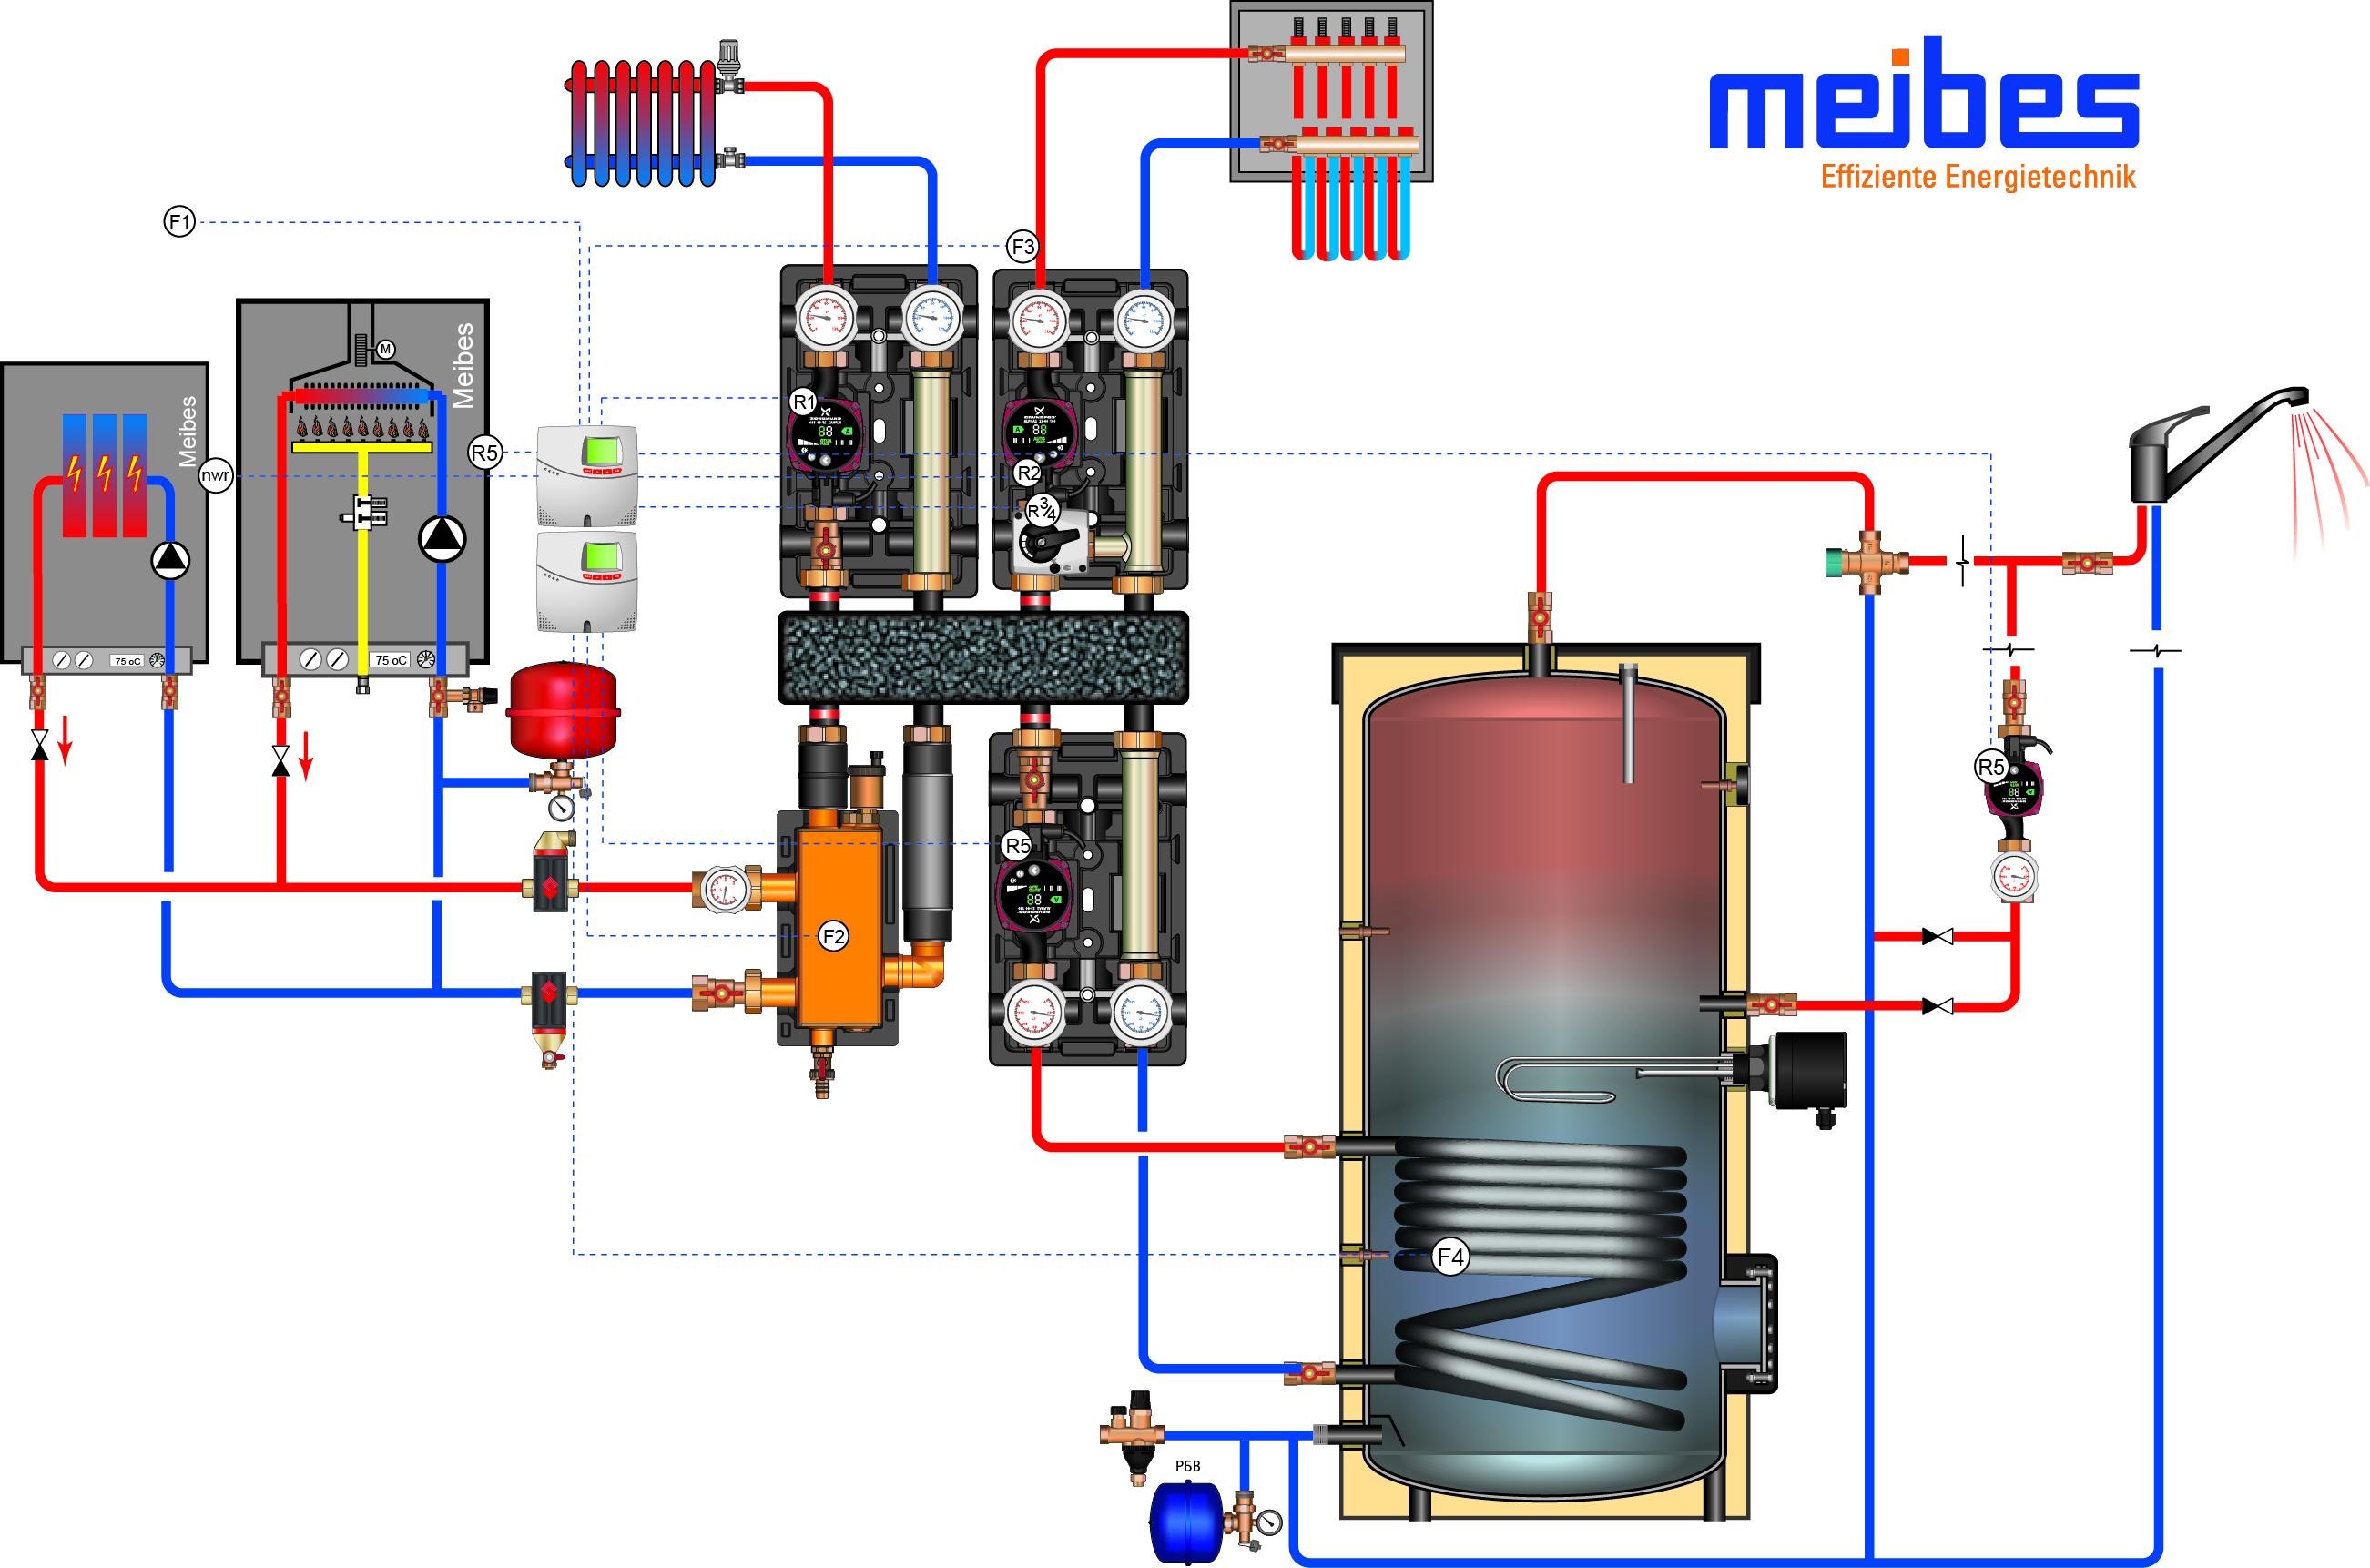 Установка электрического котла совместно с газовым , работа на контур батарей и теплый пол, плюс горячее водоснабжение